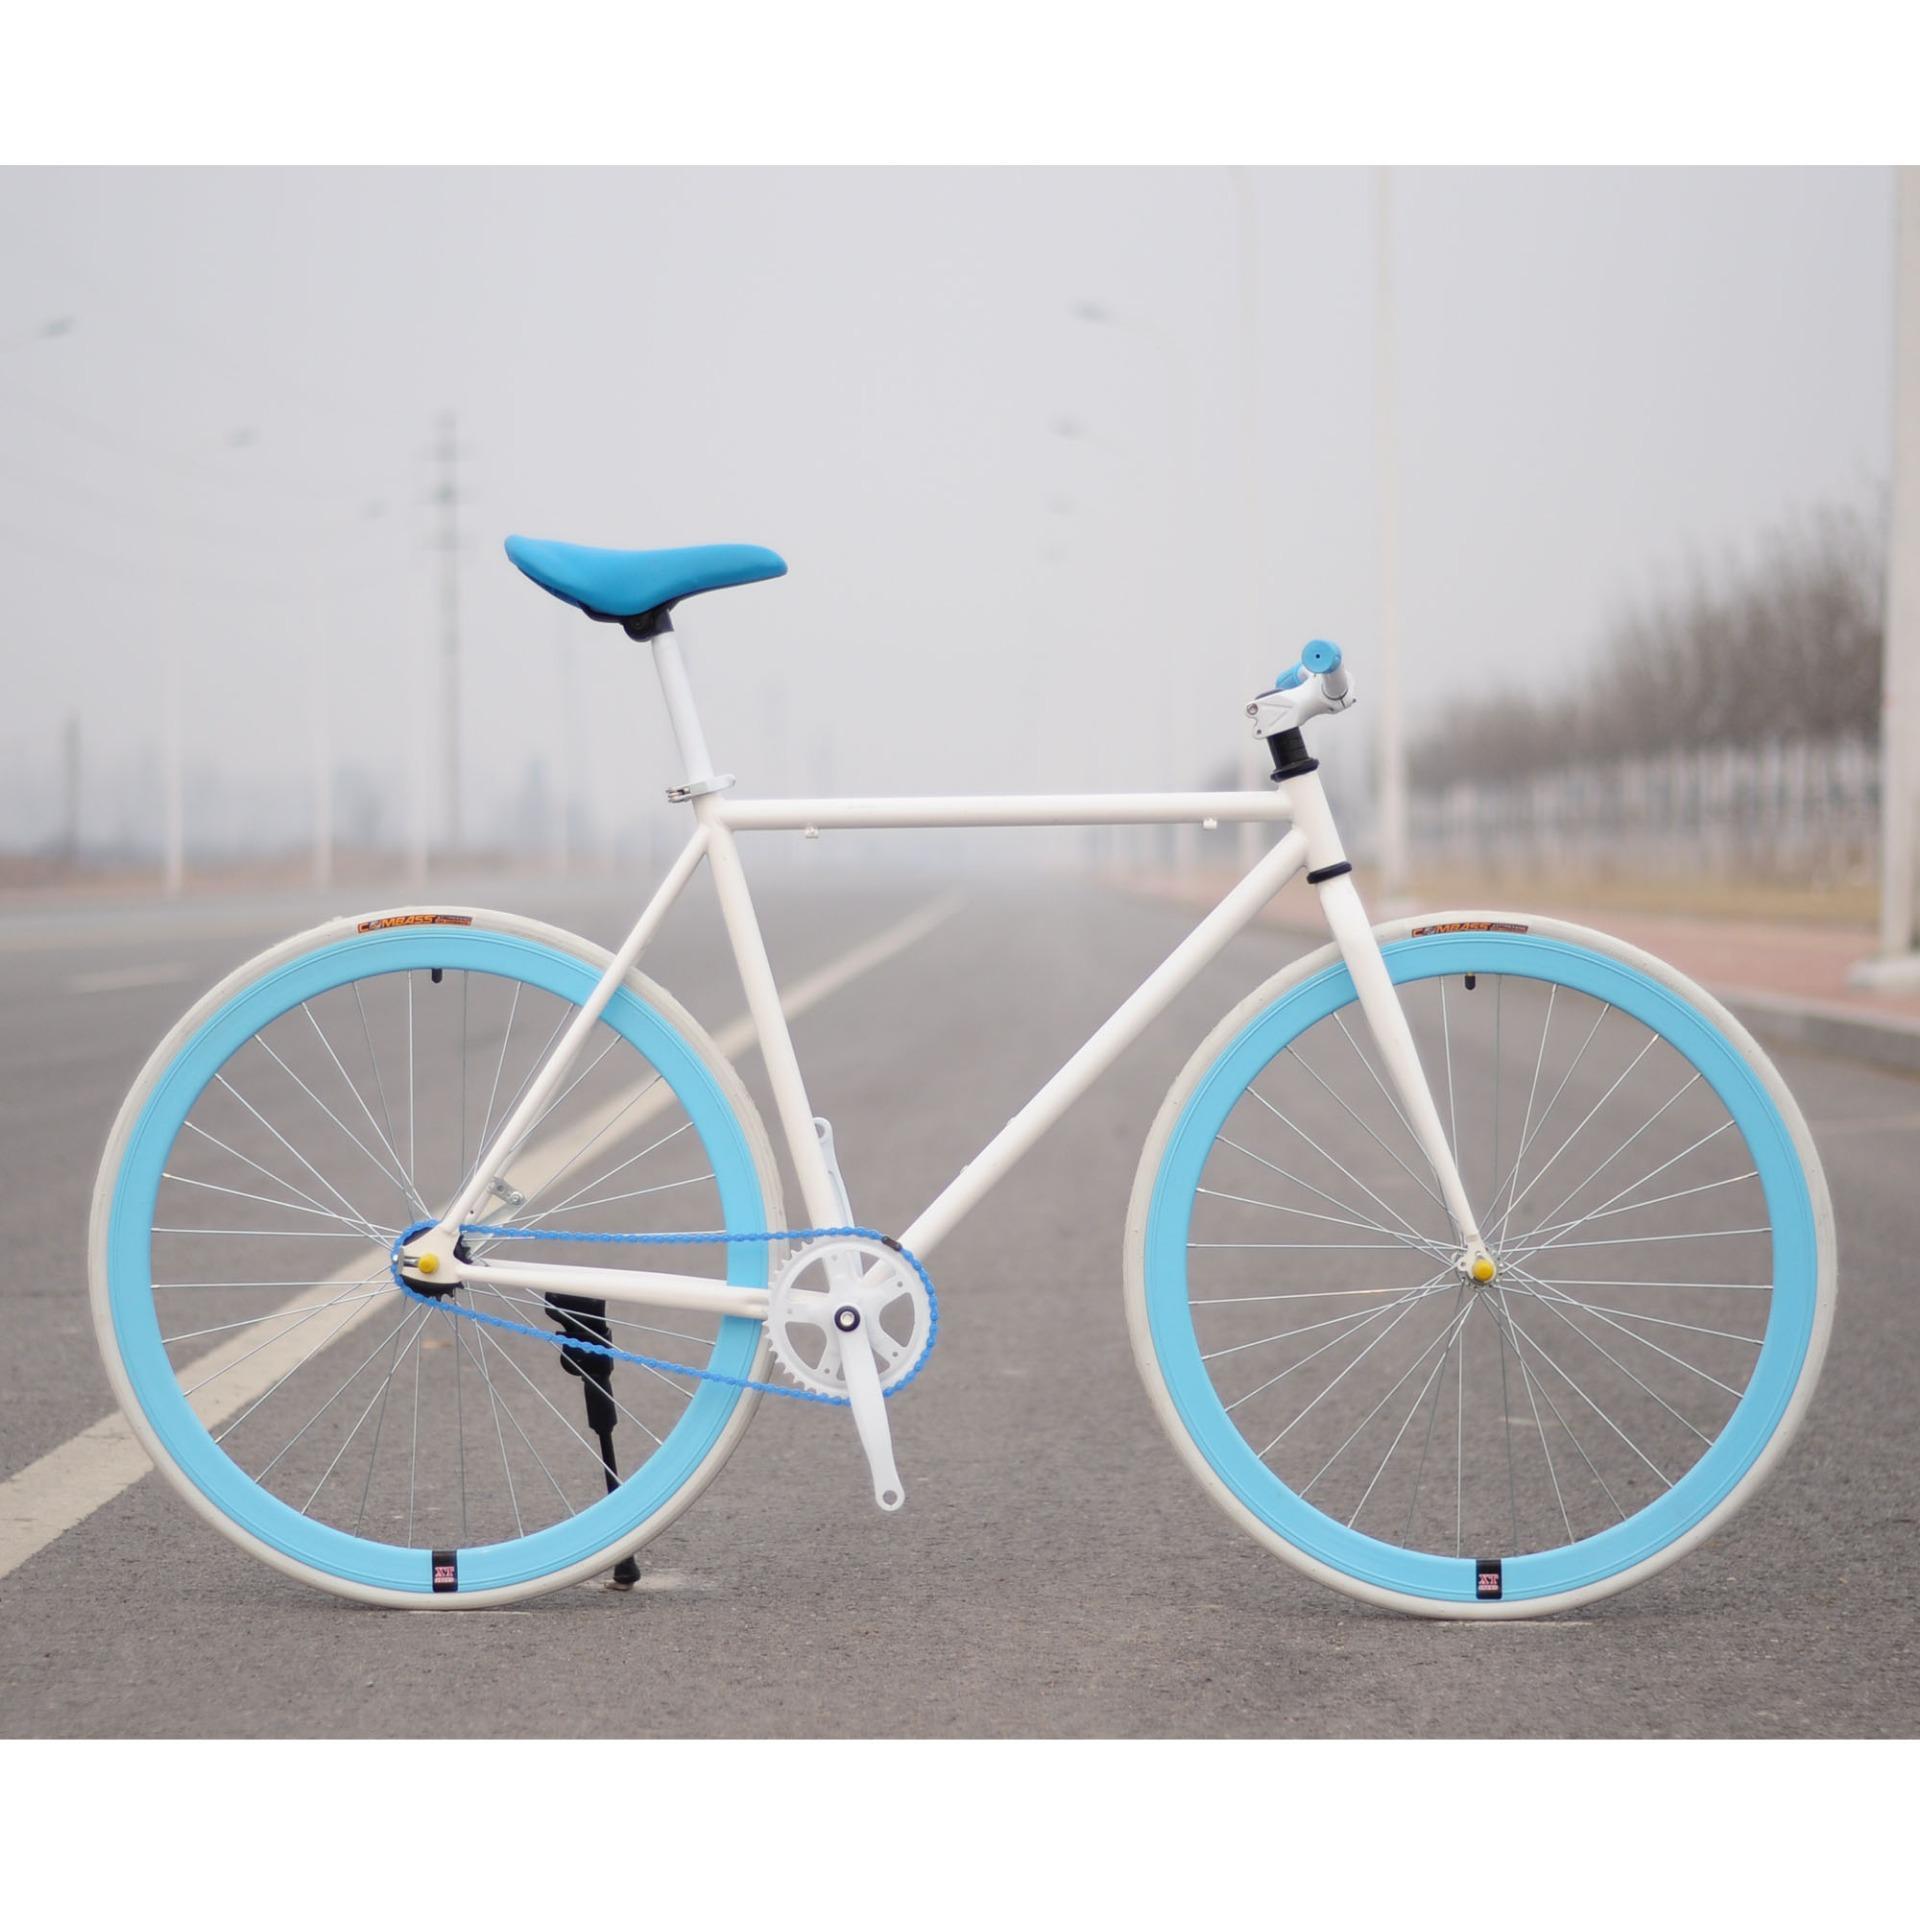 Xe đạp Fixed Gear Single Speed (Trắng vành xanh trời)